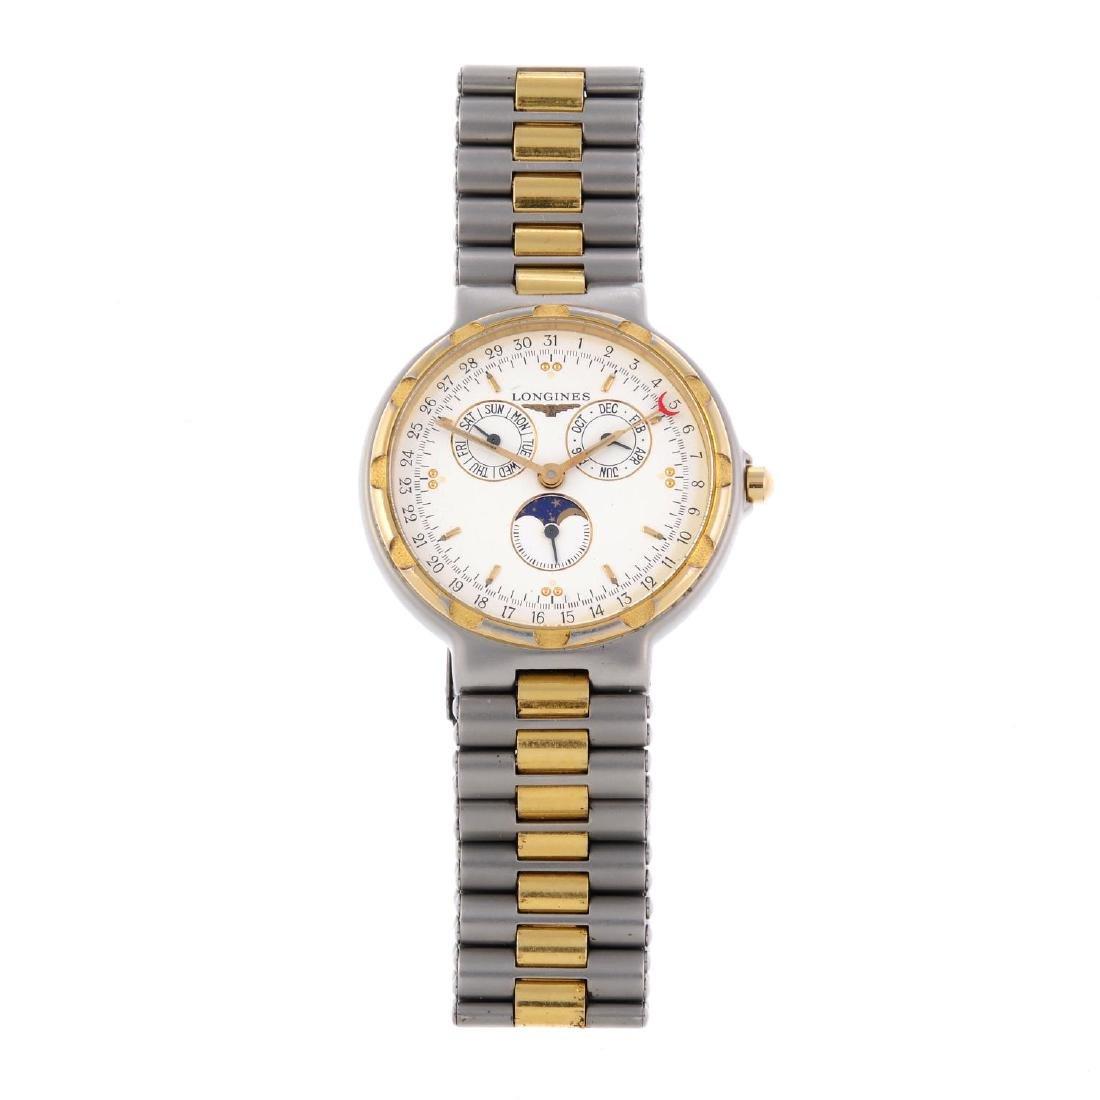 LONGINES - a gentleman's Conquest triple-date bracelet